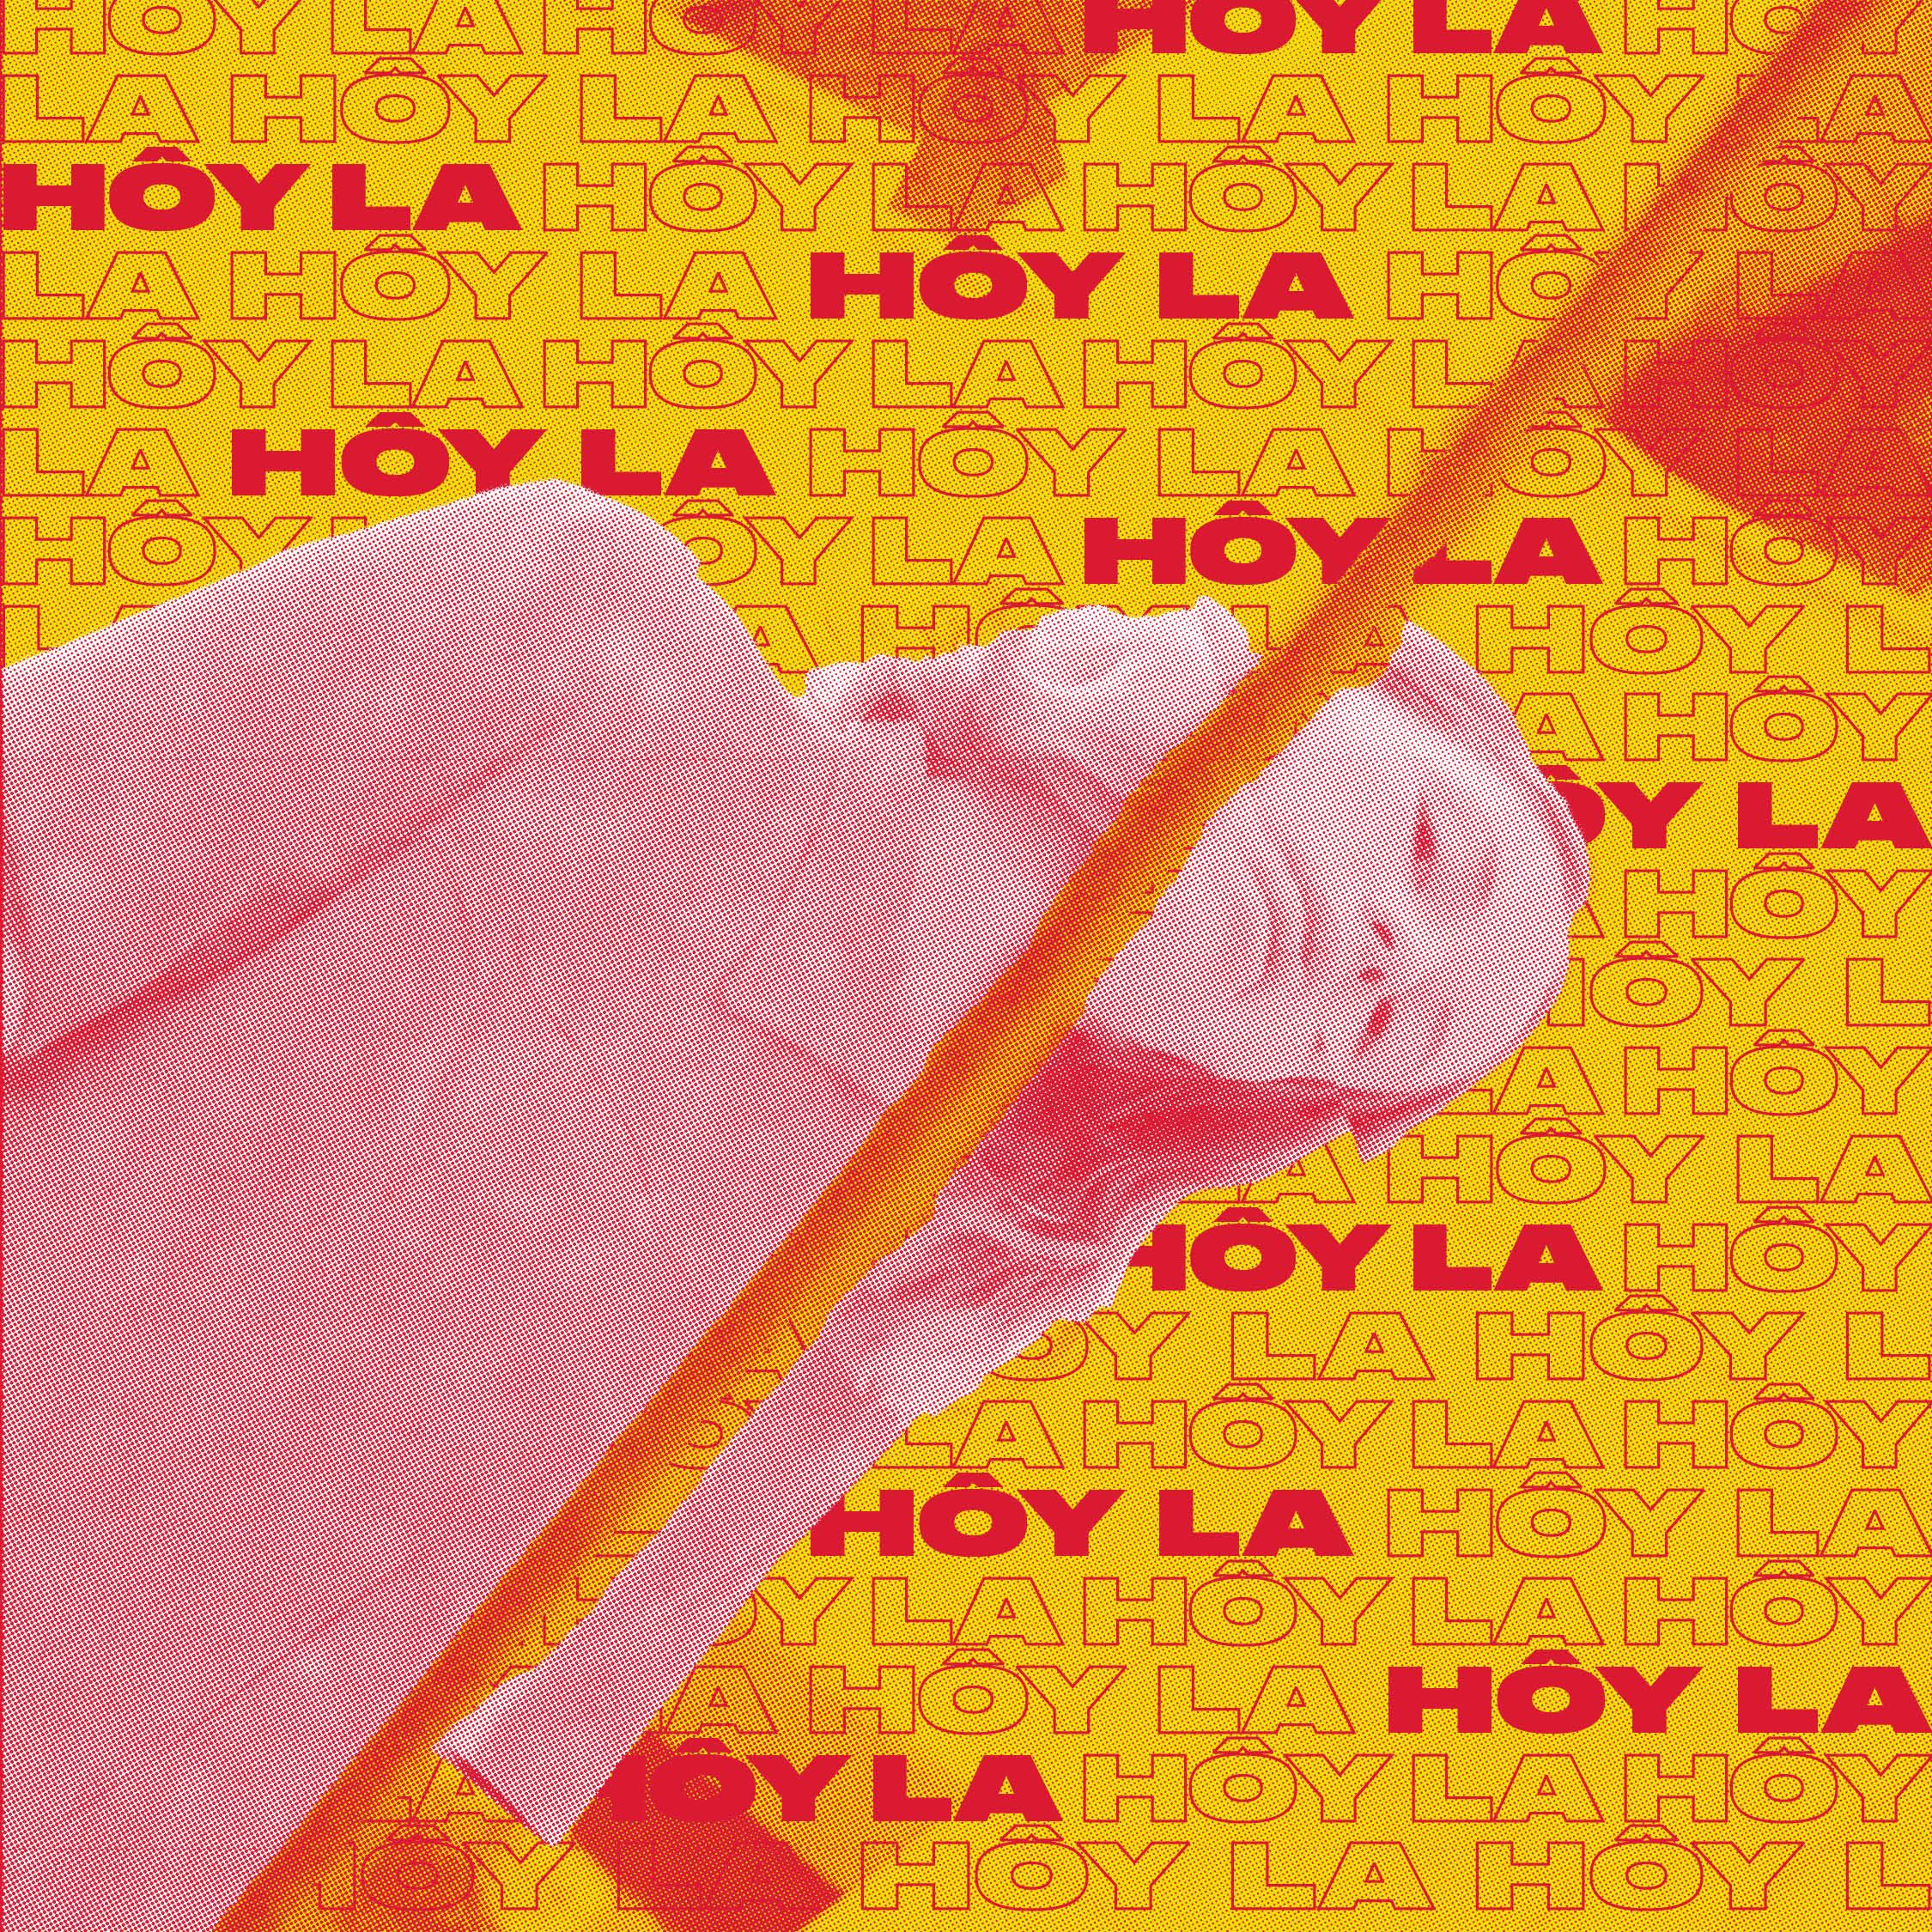 Ingri Høyland Kvamstad (Hôy la) eksperimenterer med organiske live loops, elektroniske flater og akustiske elementer i sin produksjon. Musikken fusjonerer elementer fra forskjellige sjangre som electronika, trip hop og alternativ rock. I dette univers skaper Ingri Kvamstad's vokal en nærhet som uttrykker melankoli og et tekstunivers som åpner for følelsesladet konfrontasjon. Hennes nyeste single «Please» har fått mye oppmerksomhet blant skandinaviske og internasjonale medier og er flere steder blitt omtalt som 'en å holde øye med I 2018.